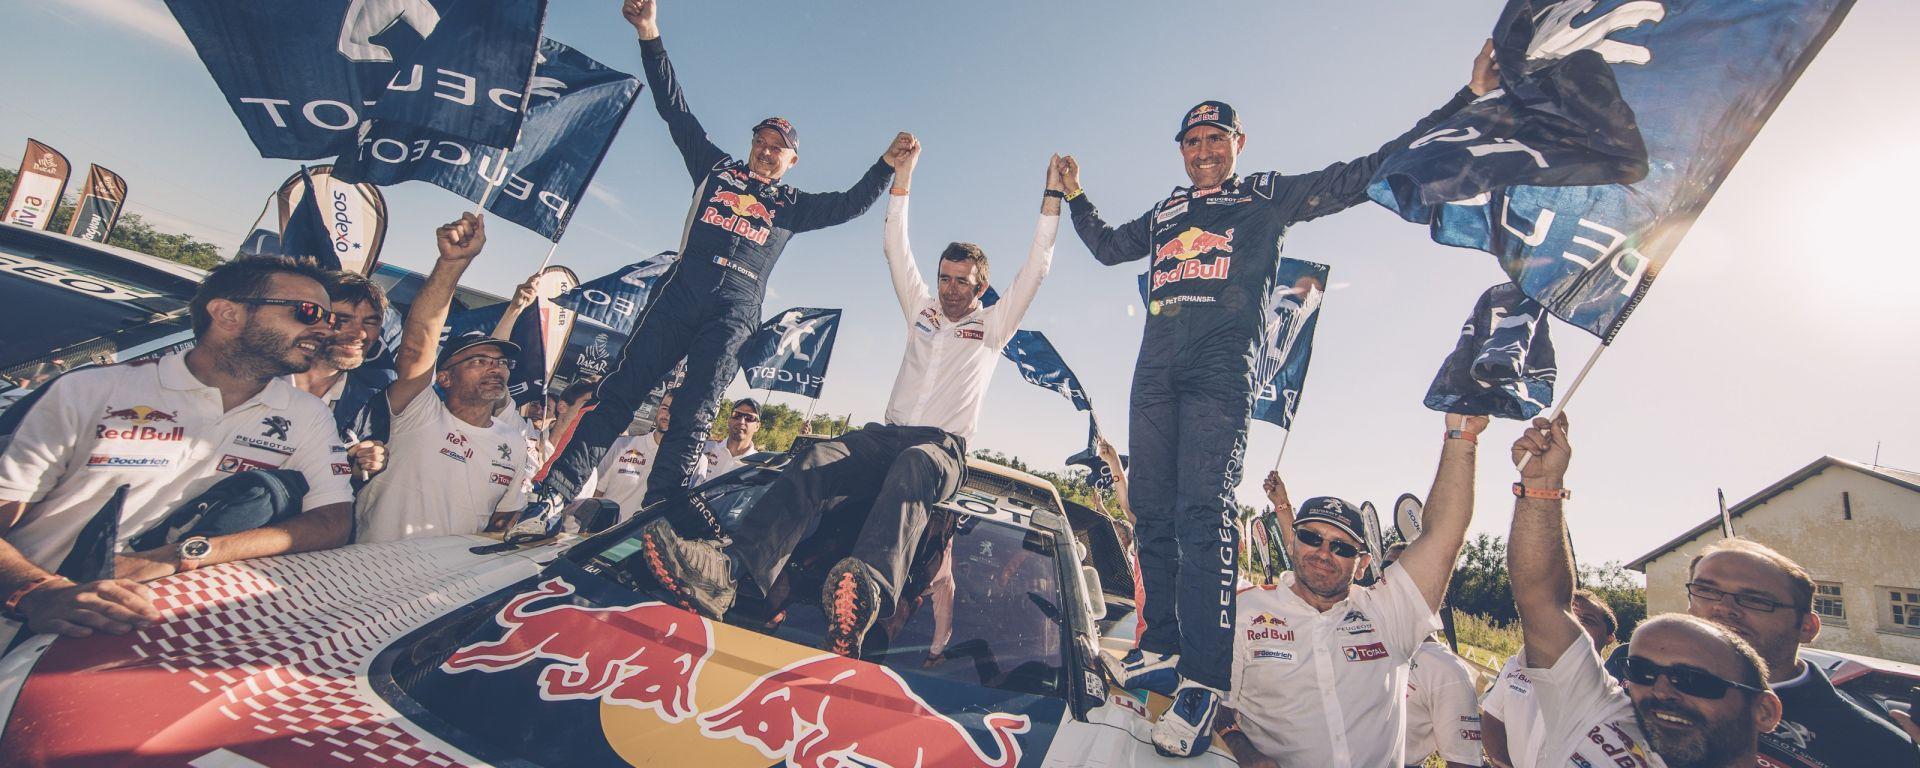 Peterhansel trionfa con la sua Peugeot 3008 DKR - Dakar 2017